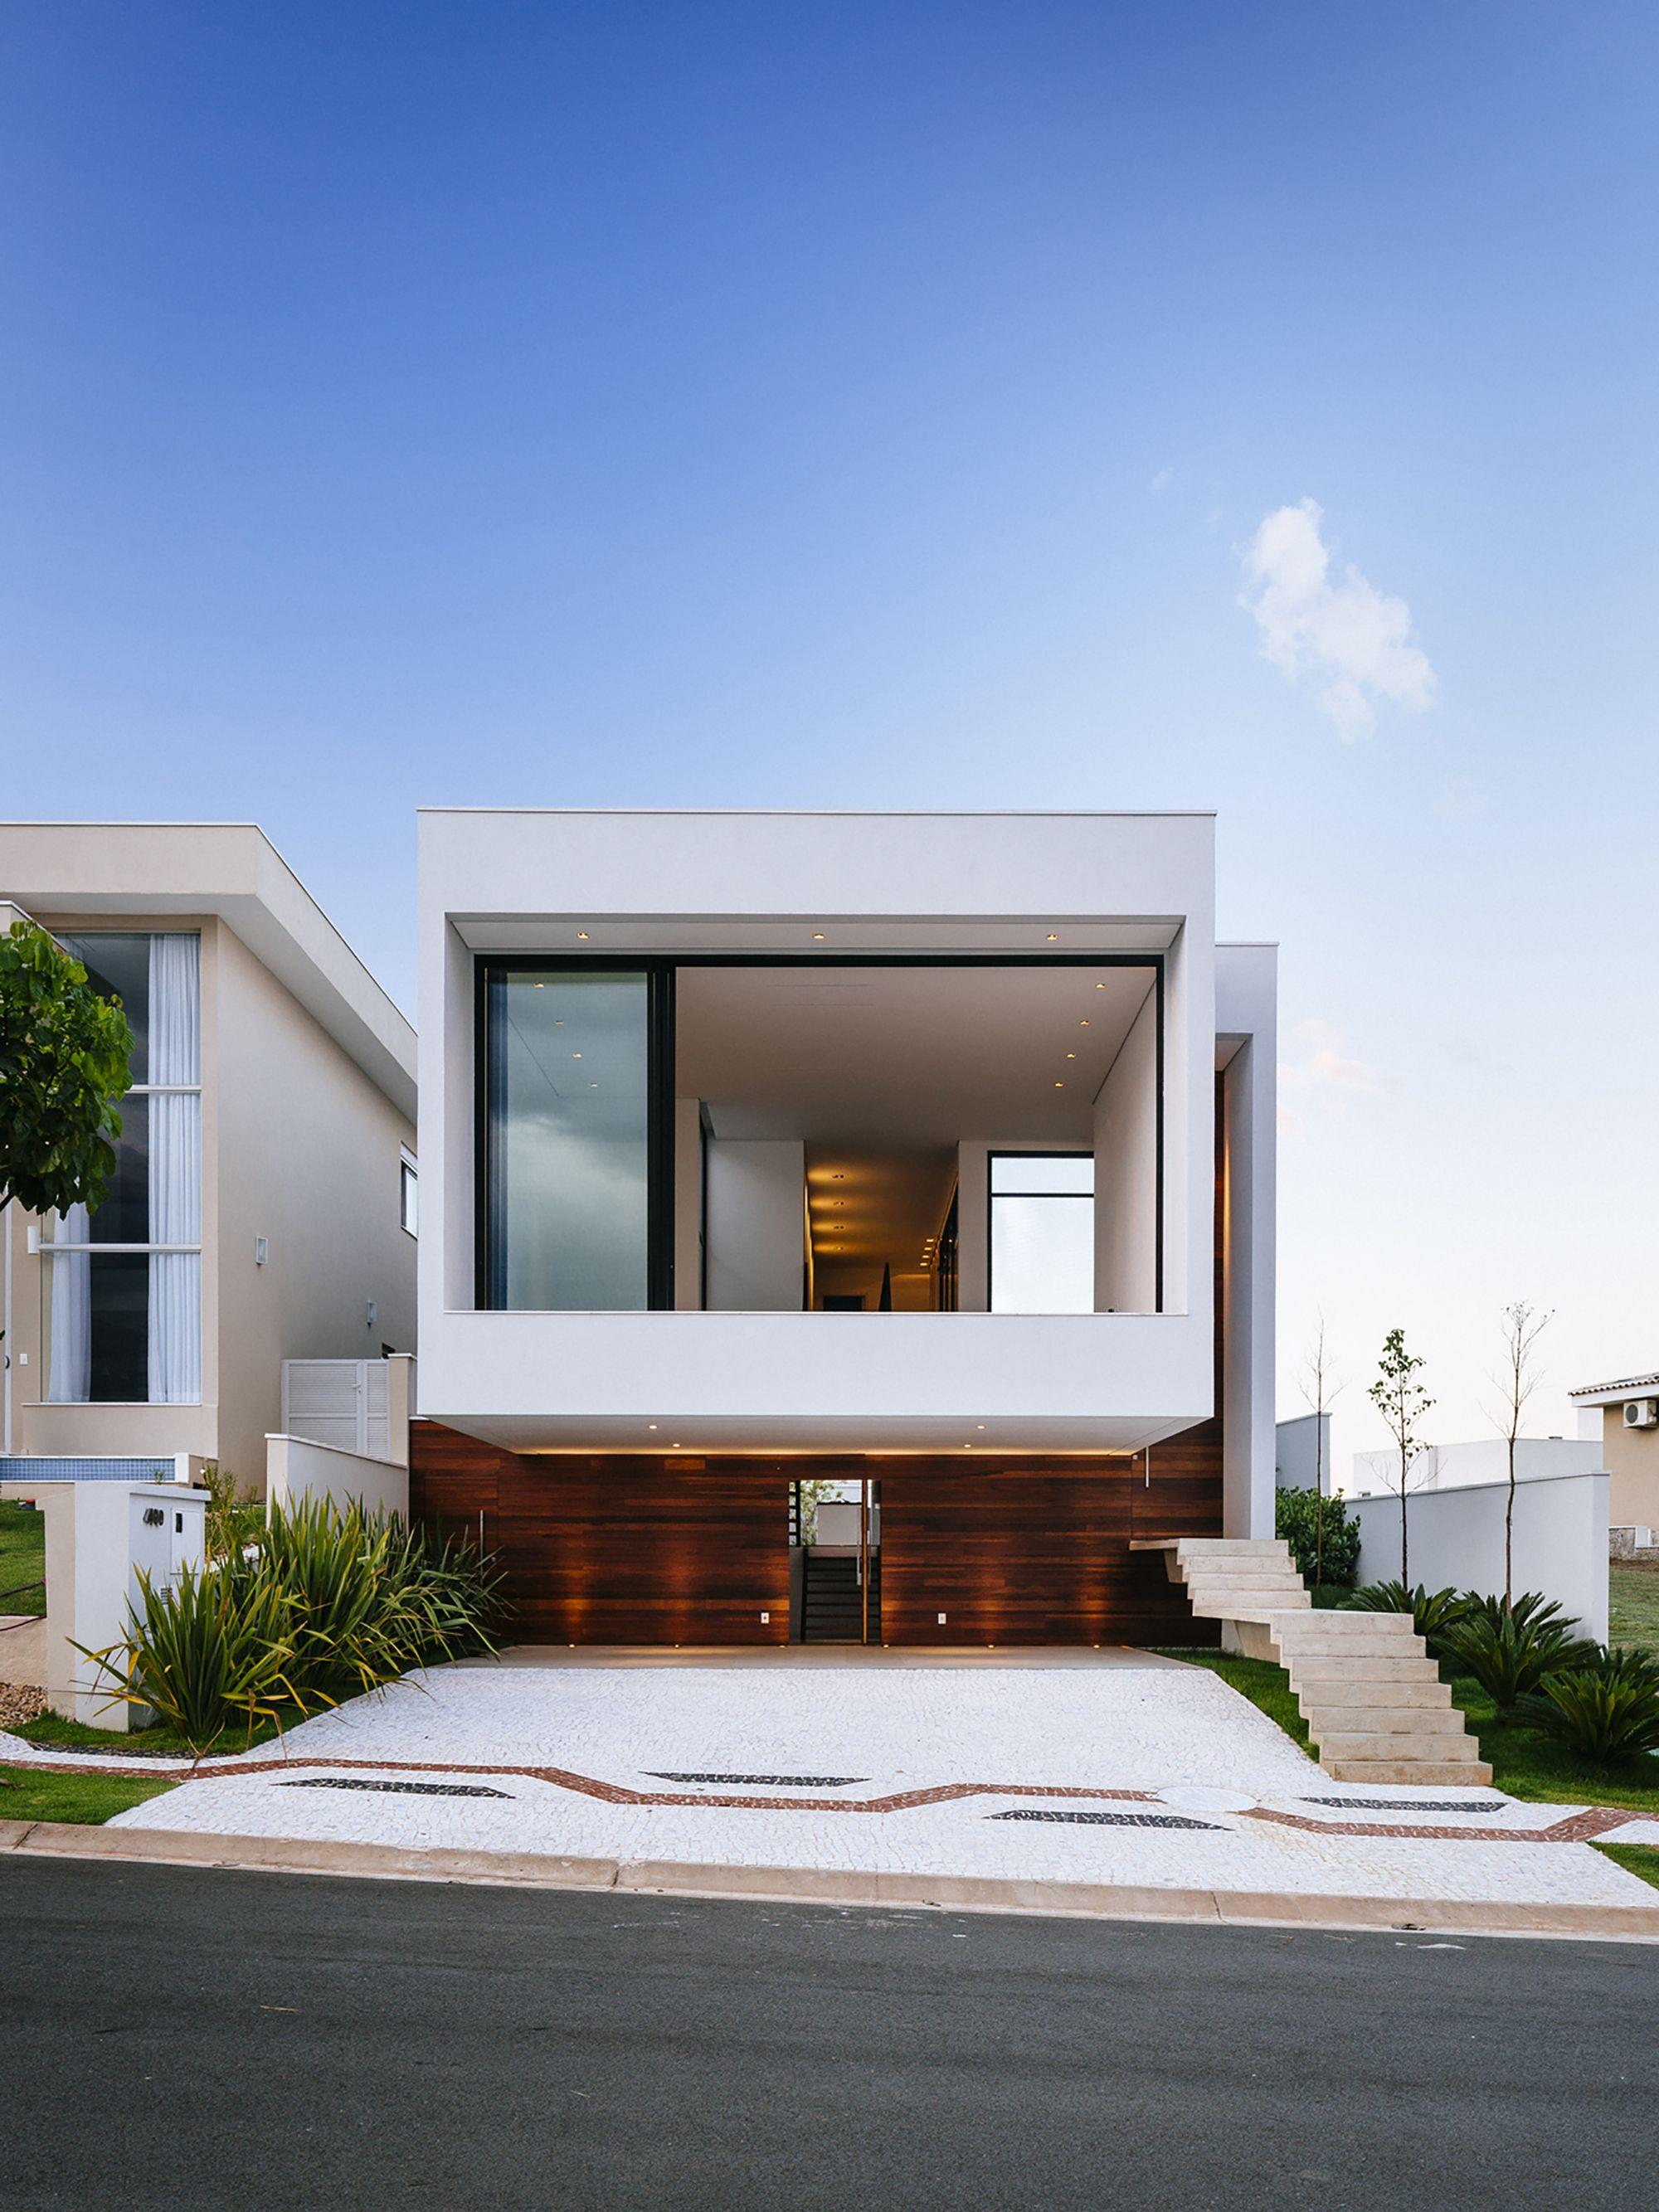 Dise o de moderna casa de dos pisos m s planos fachada - Diseno de casas modernas ...